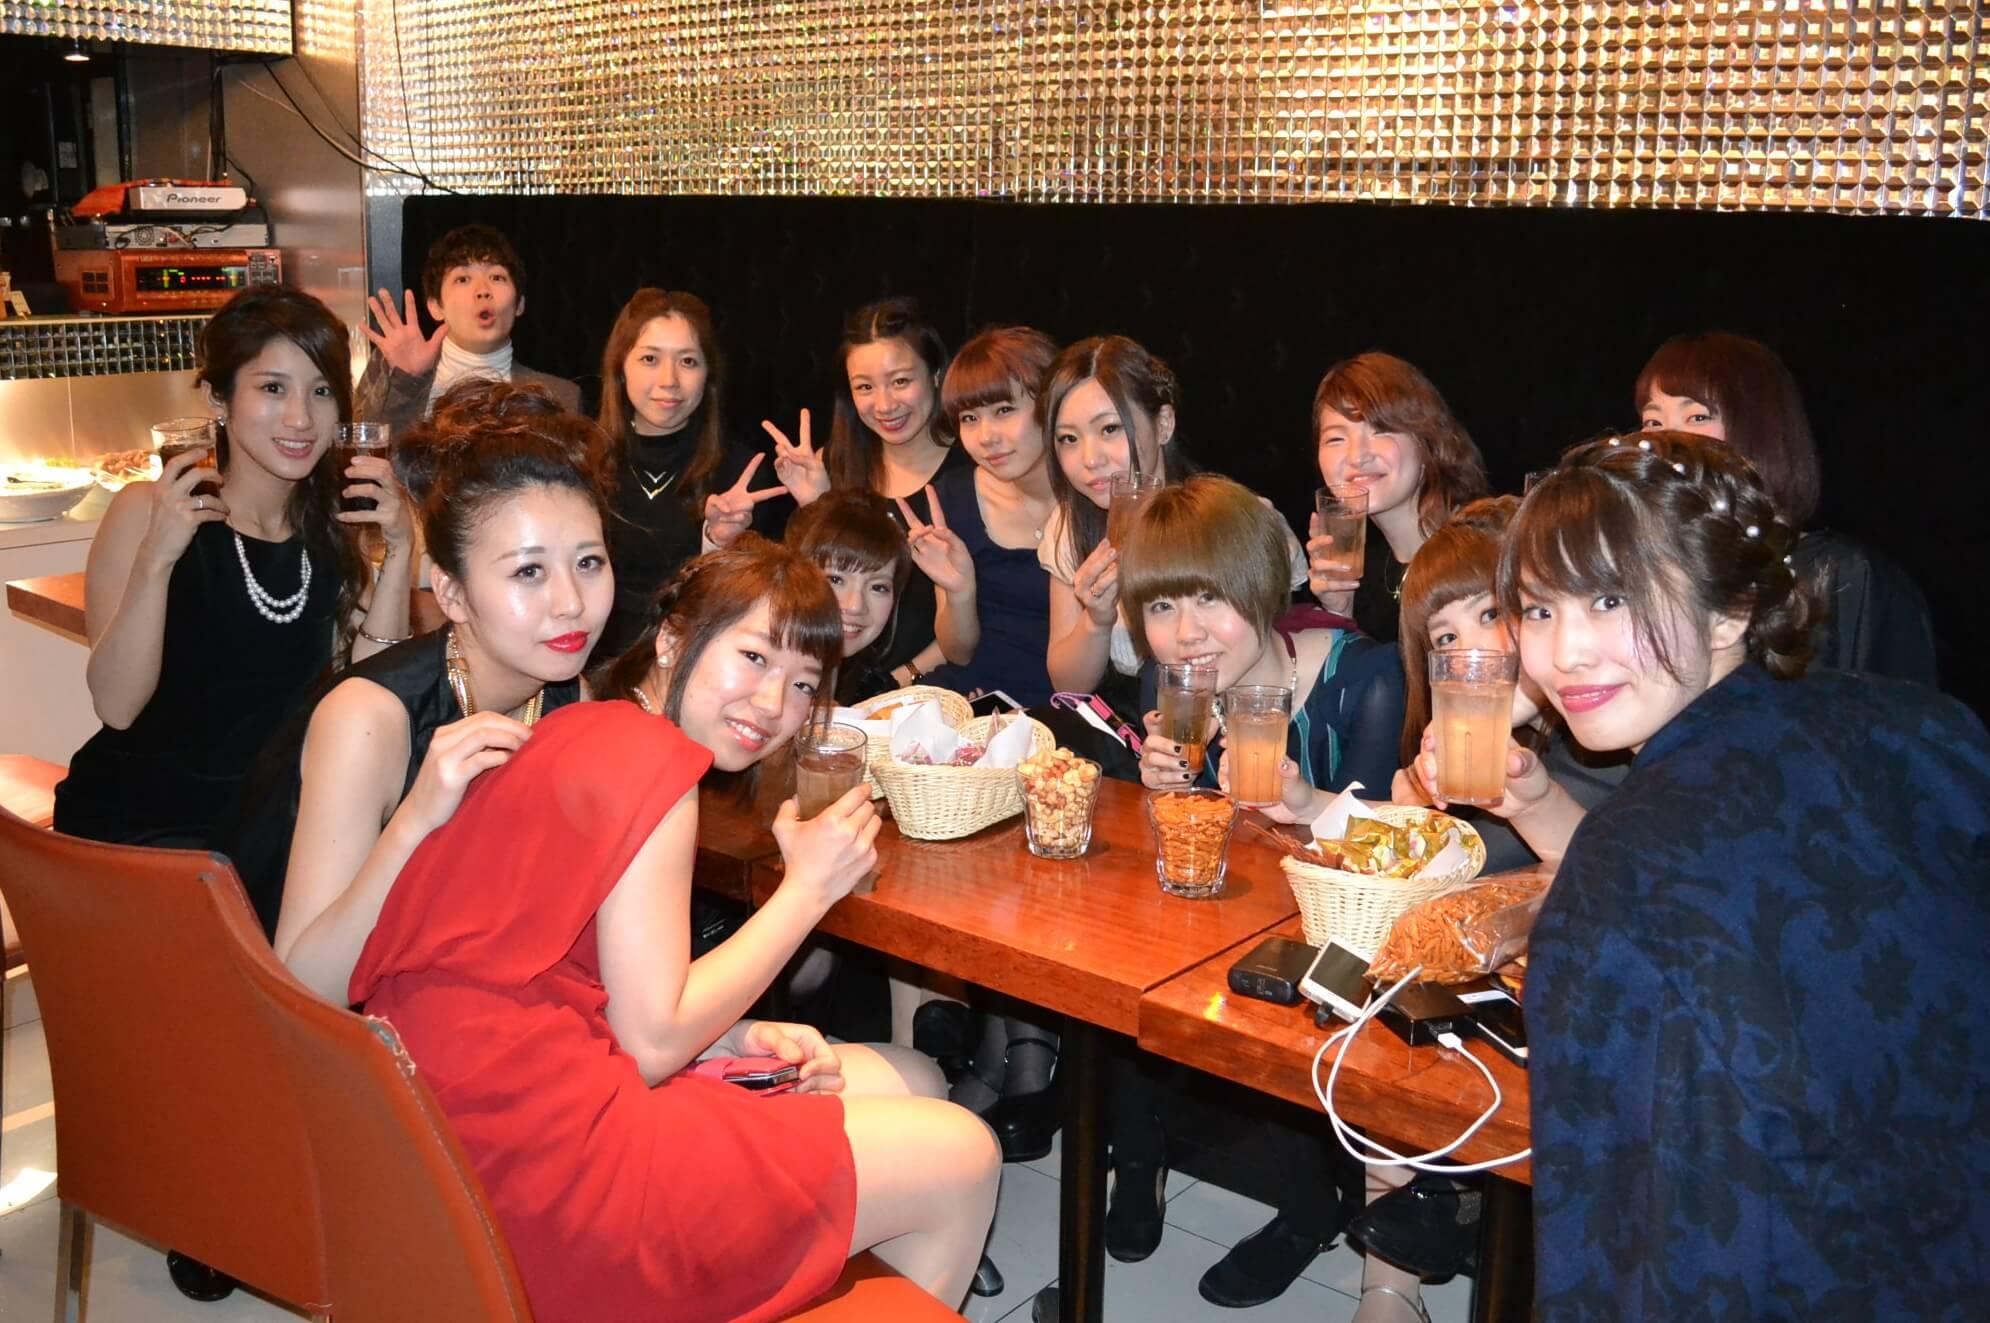 卒業パーティー | 渋谷貸切パー...